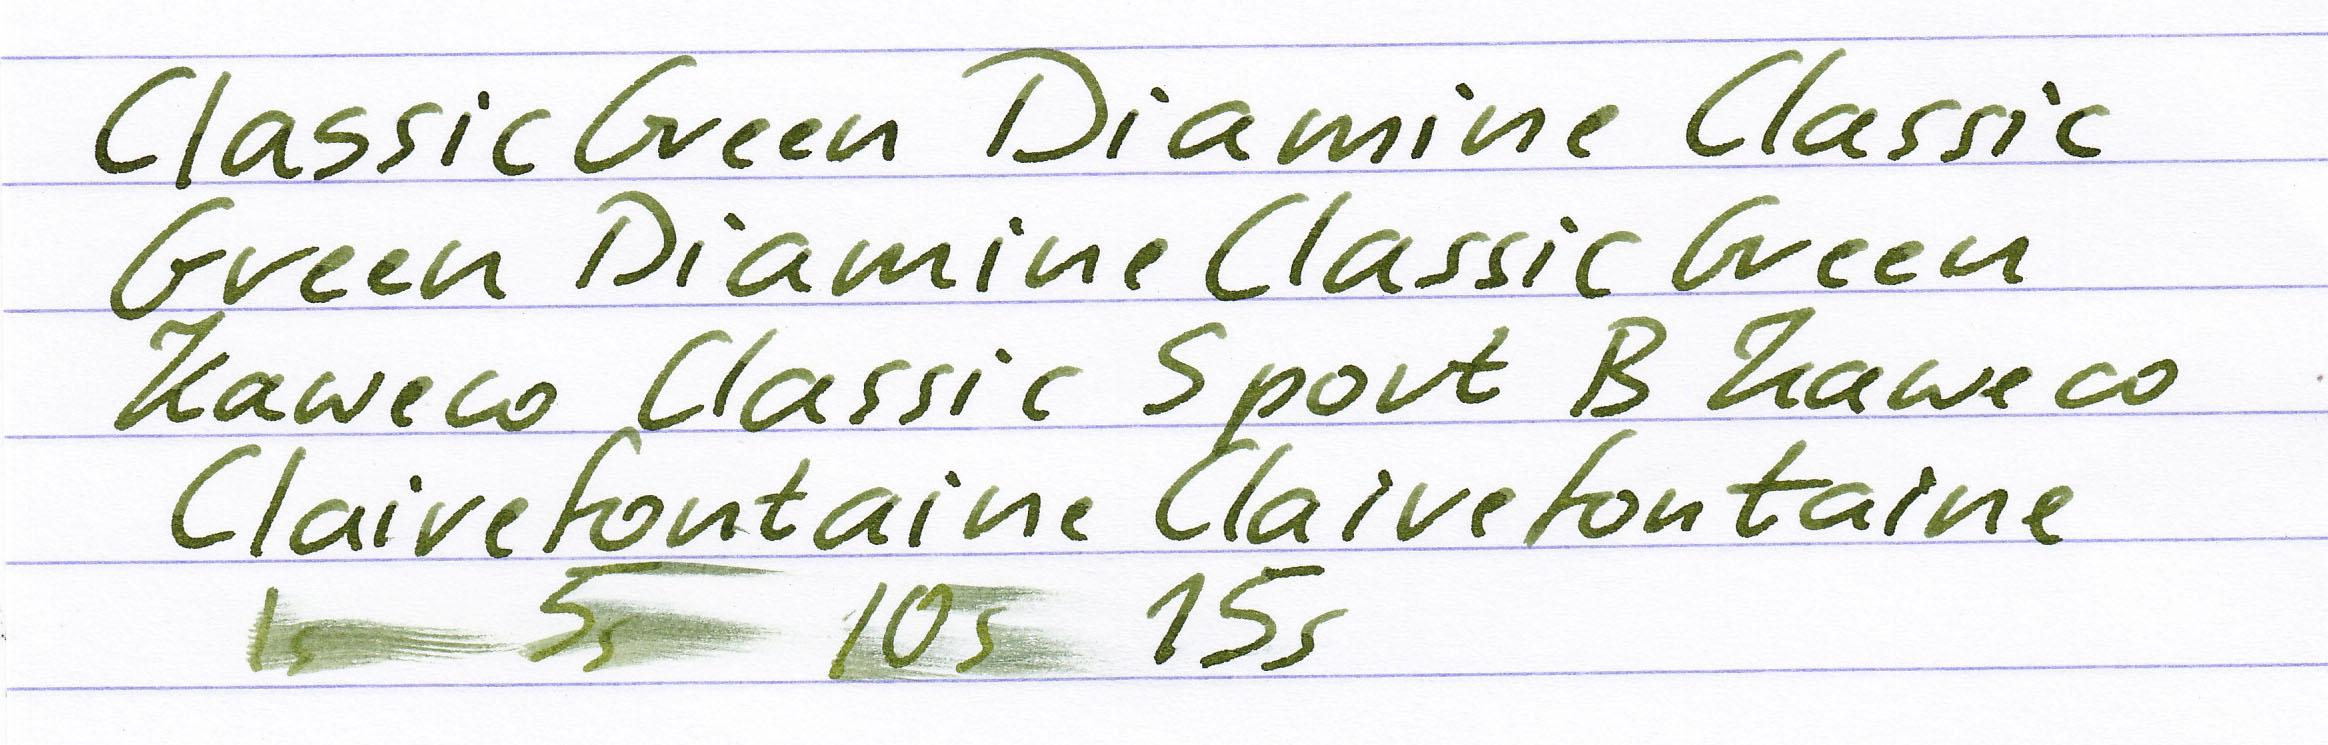 fpn_1463166491__classicgreen_diamine_cla